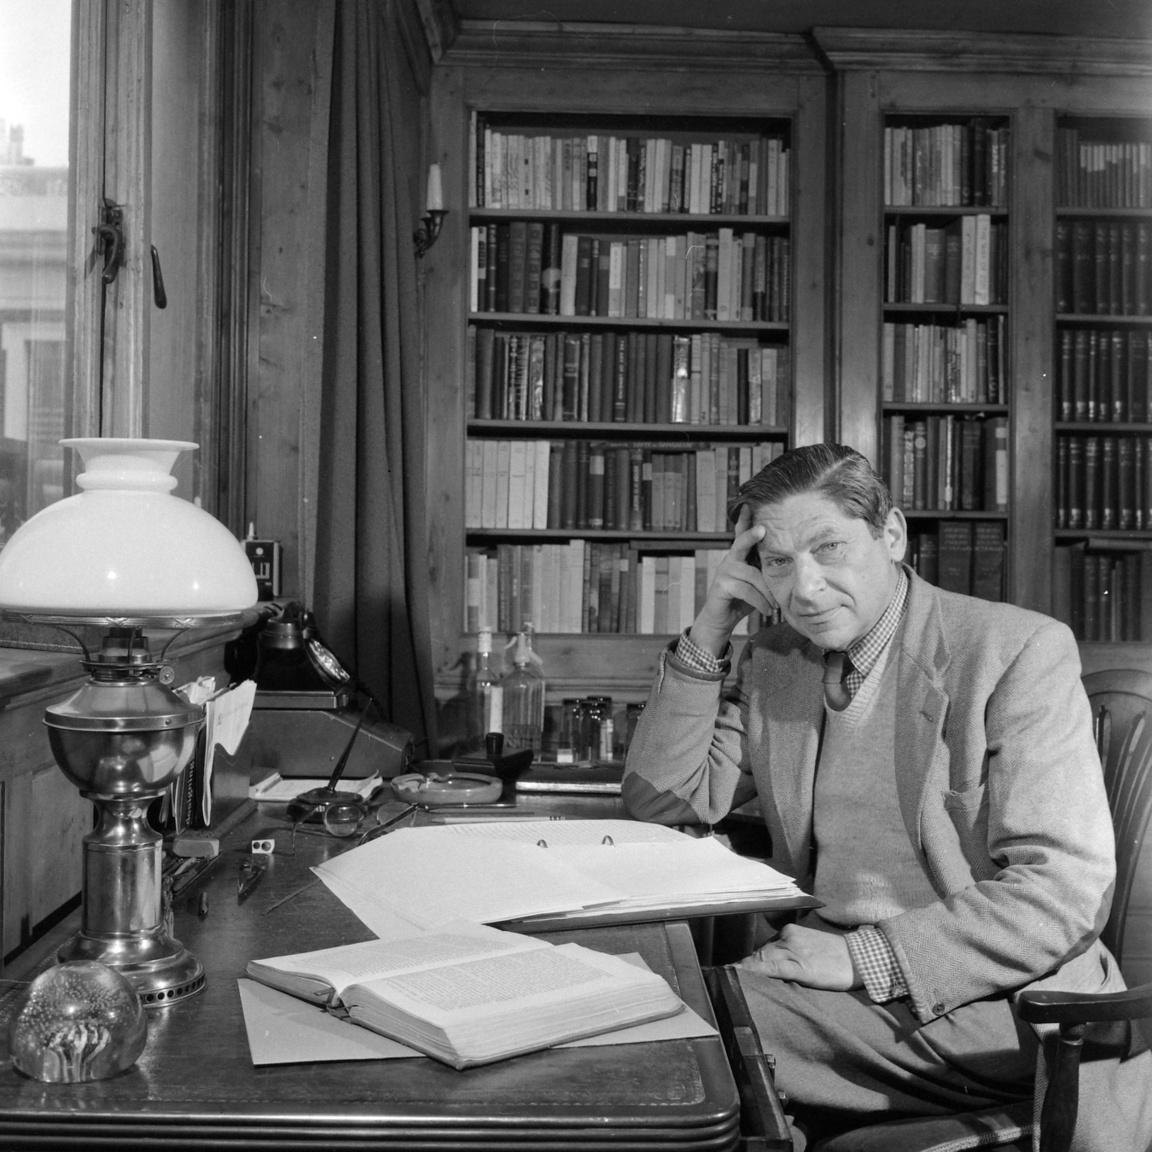 A második világháború előtt Koestler tudósítóként megjárta a Közel-Keletet, Párizst, Berlint, a Szovjetuniót, a spanyol polgárháborút, végül 1938-ban Nagy-Britanniában telepedett le. Magyarul keveset írt, de annál jobban beszélt és olvasott, barátságban volt az Ignotus és a Mikes házaspárral.